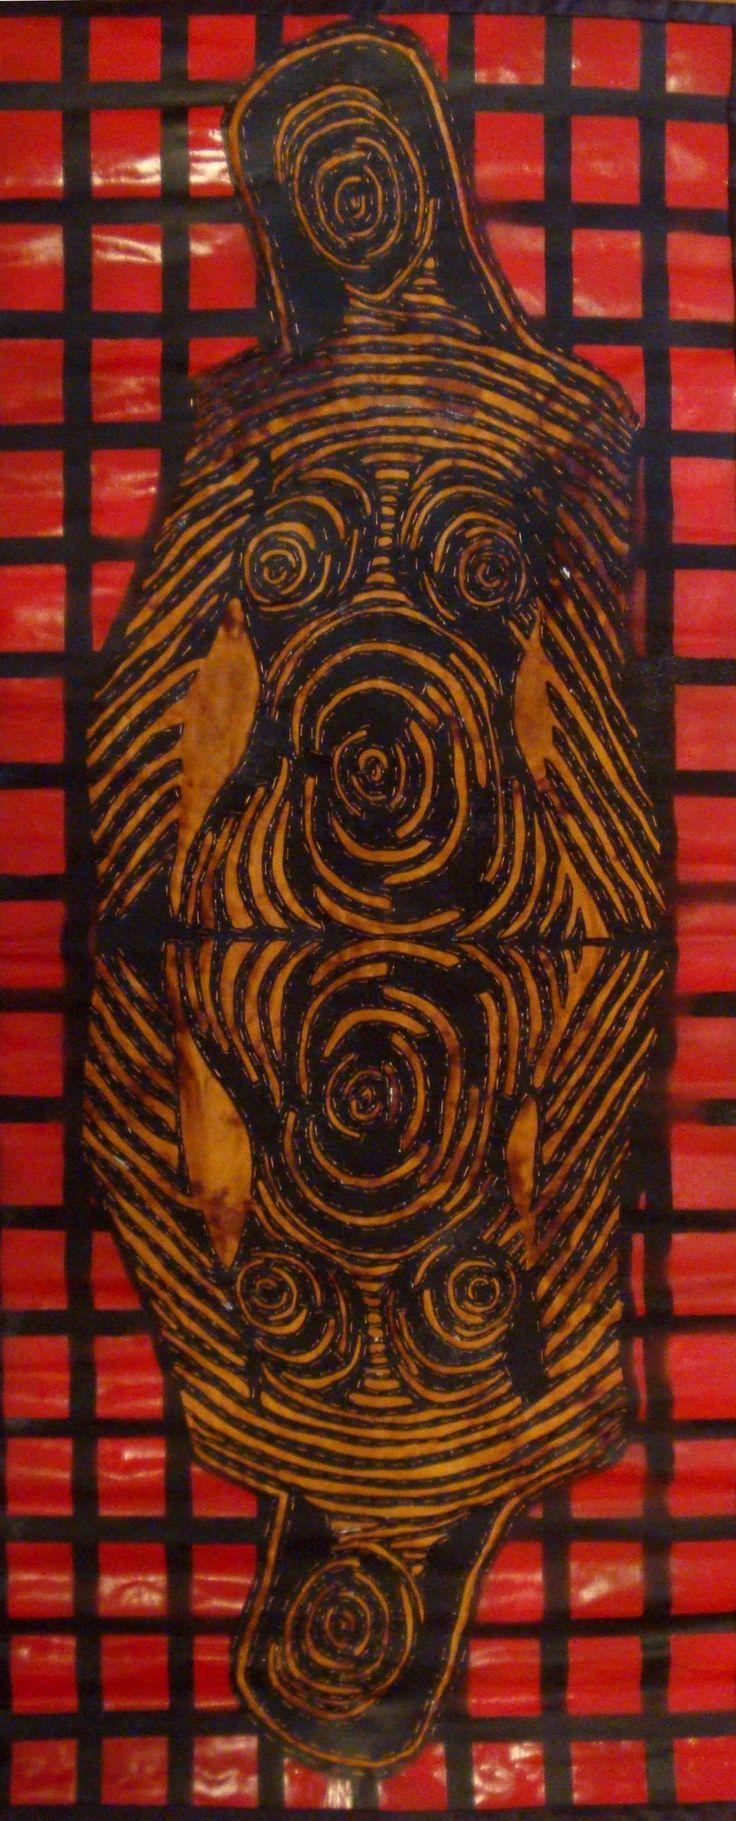 FICHA TÉCNICA  TITULO:              LLENA ERES DE GRACIA  TÉCNICA:           TAPIZ  DIMENSIONES:  47 X 115 cm  MATERIALES:    TELA SINTETICA / HILO / PINTURA EN SPRAY  FECHA:               2015